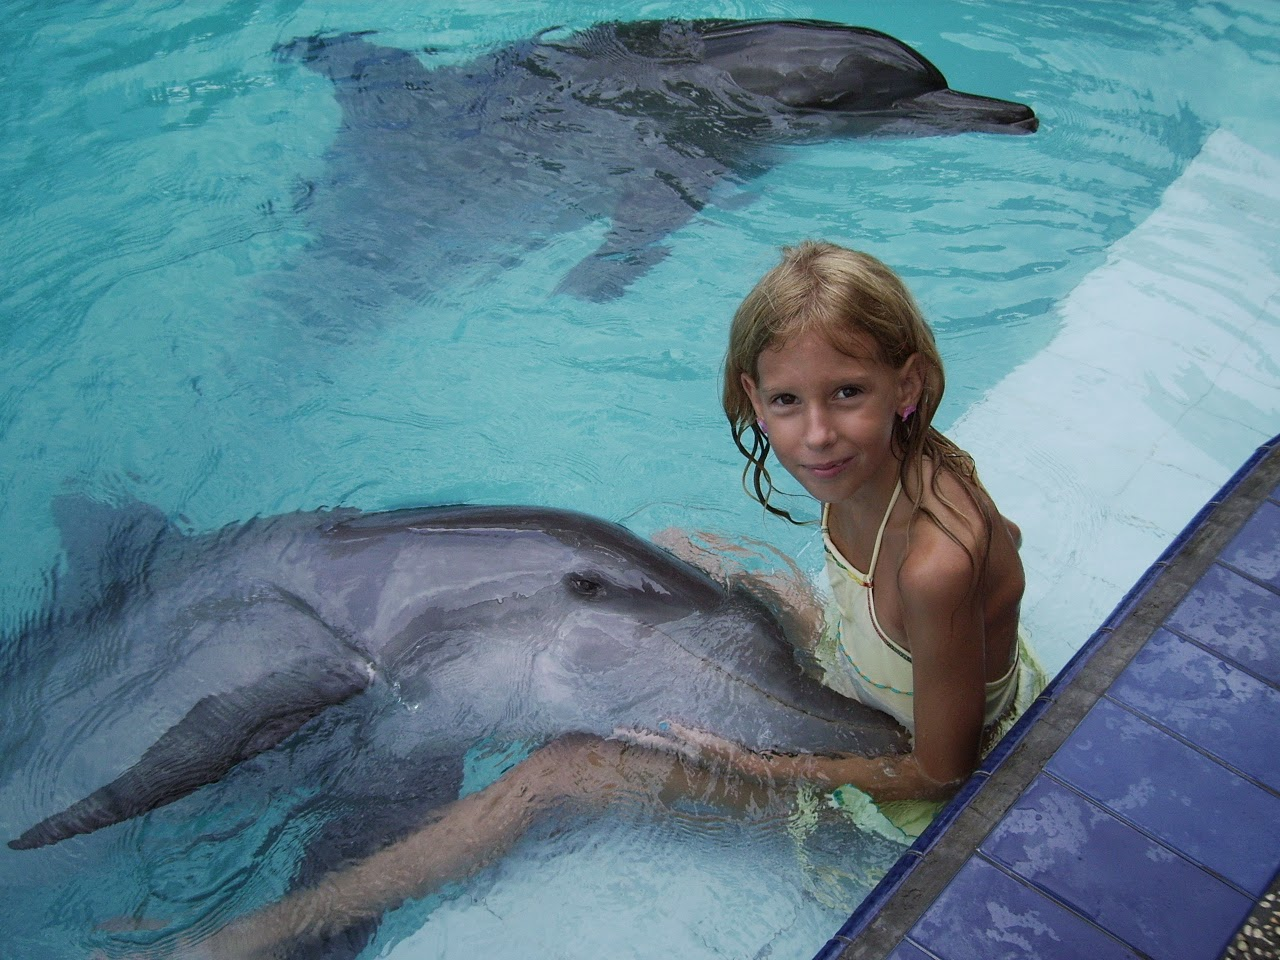 Дельфины и дети фото